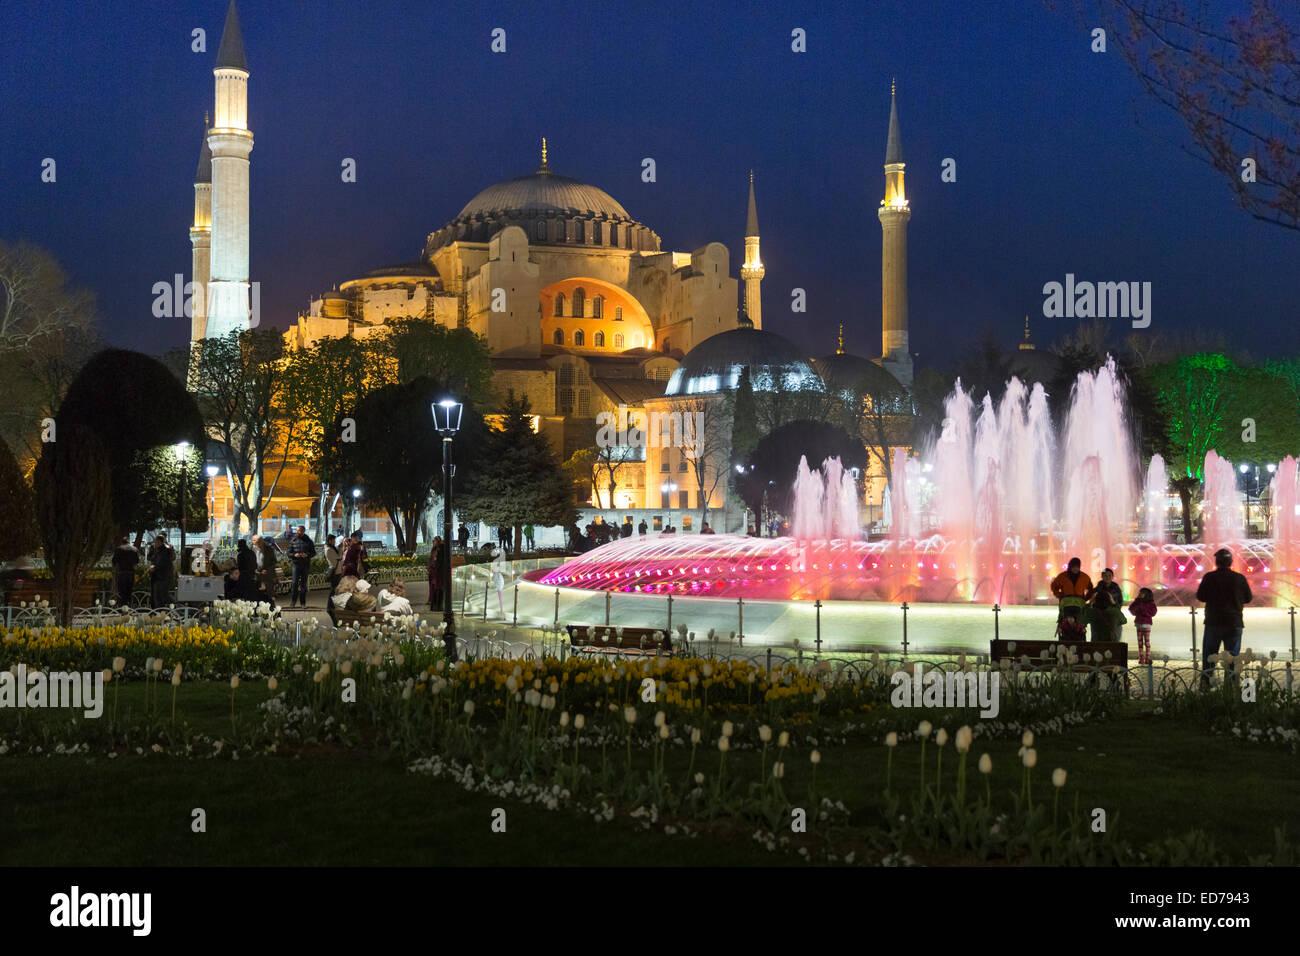 Hagia Sophia moschea musulmana e museo Atmeydani Hippodrome fontana illuminata di notte, Istanbul, Turchia Immagini Stock